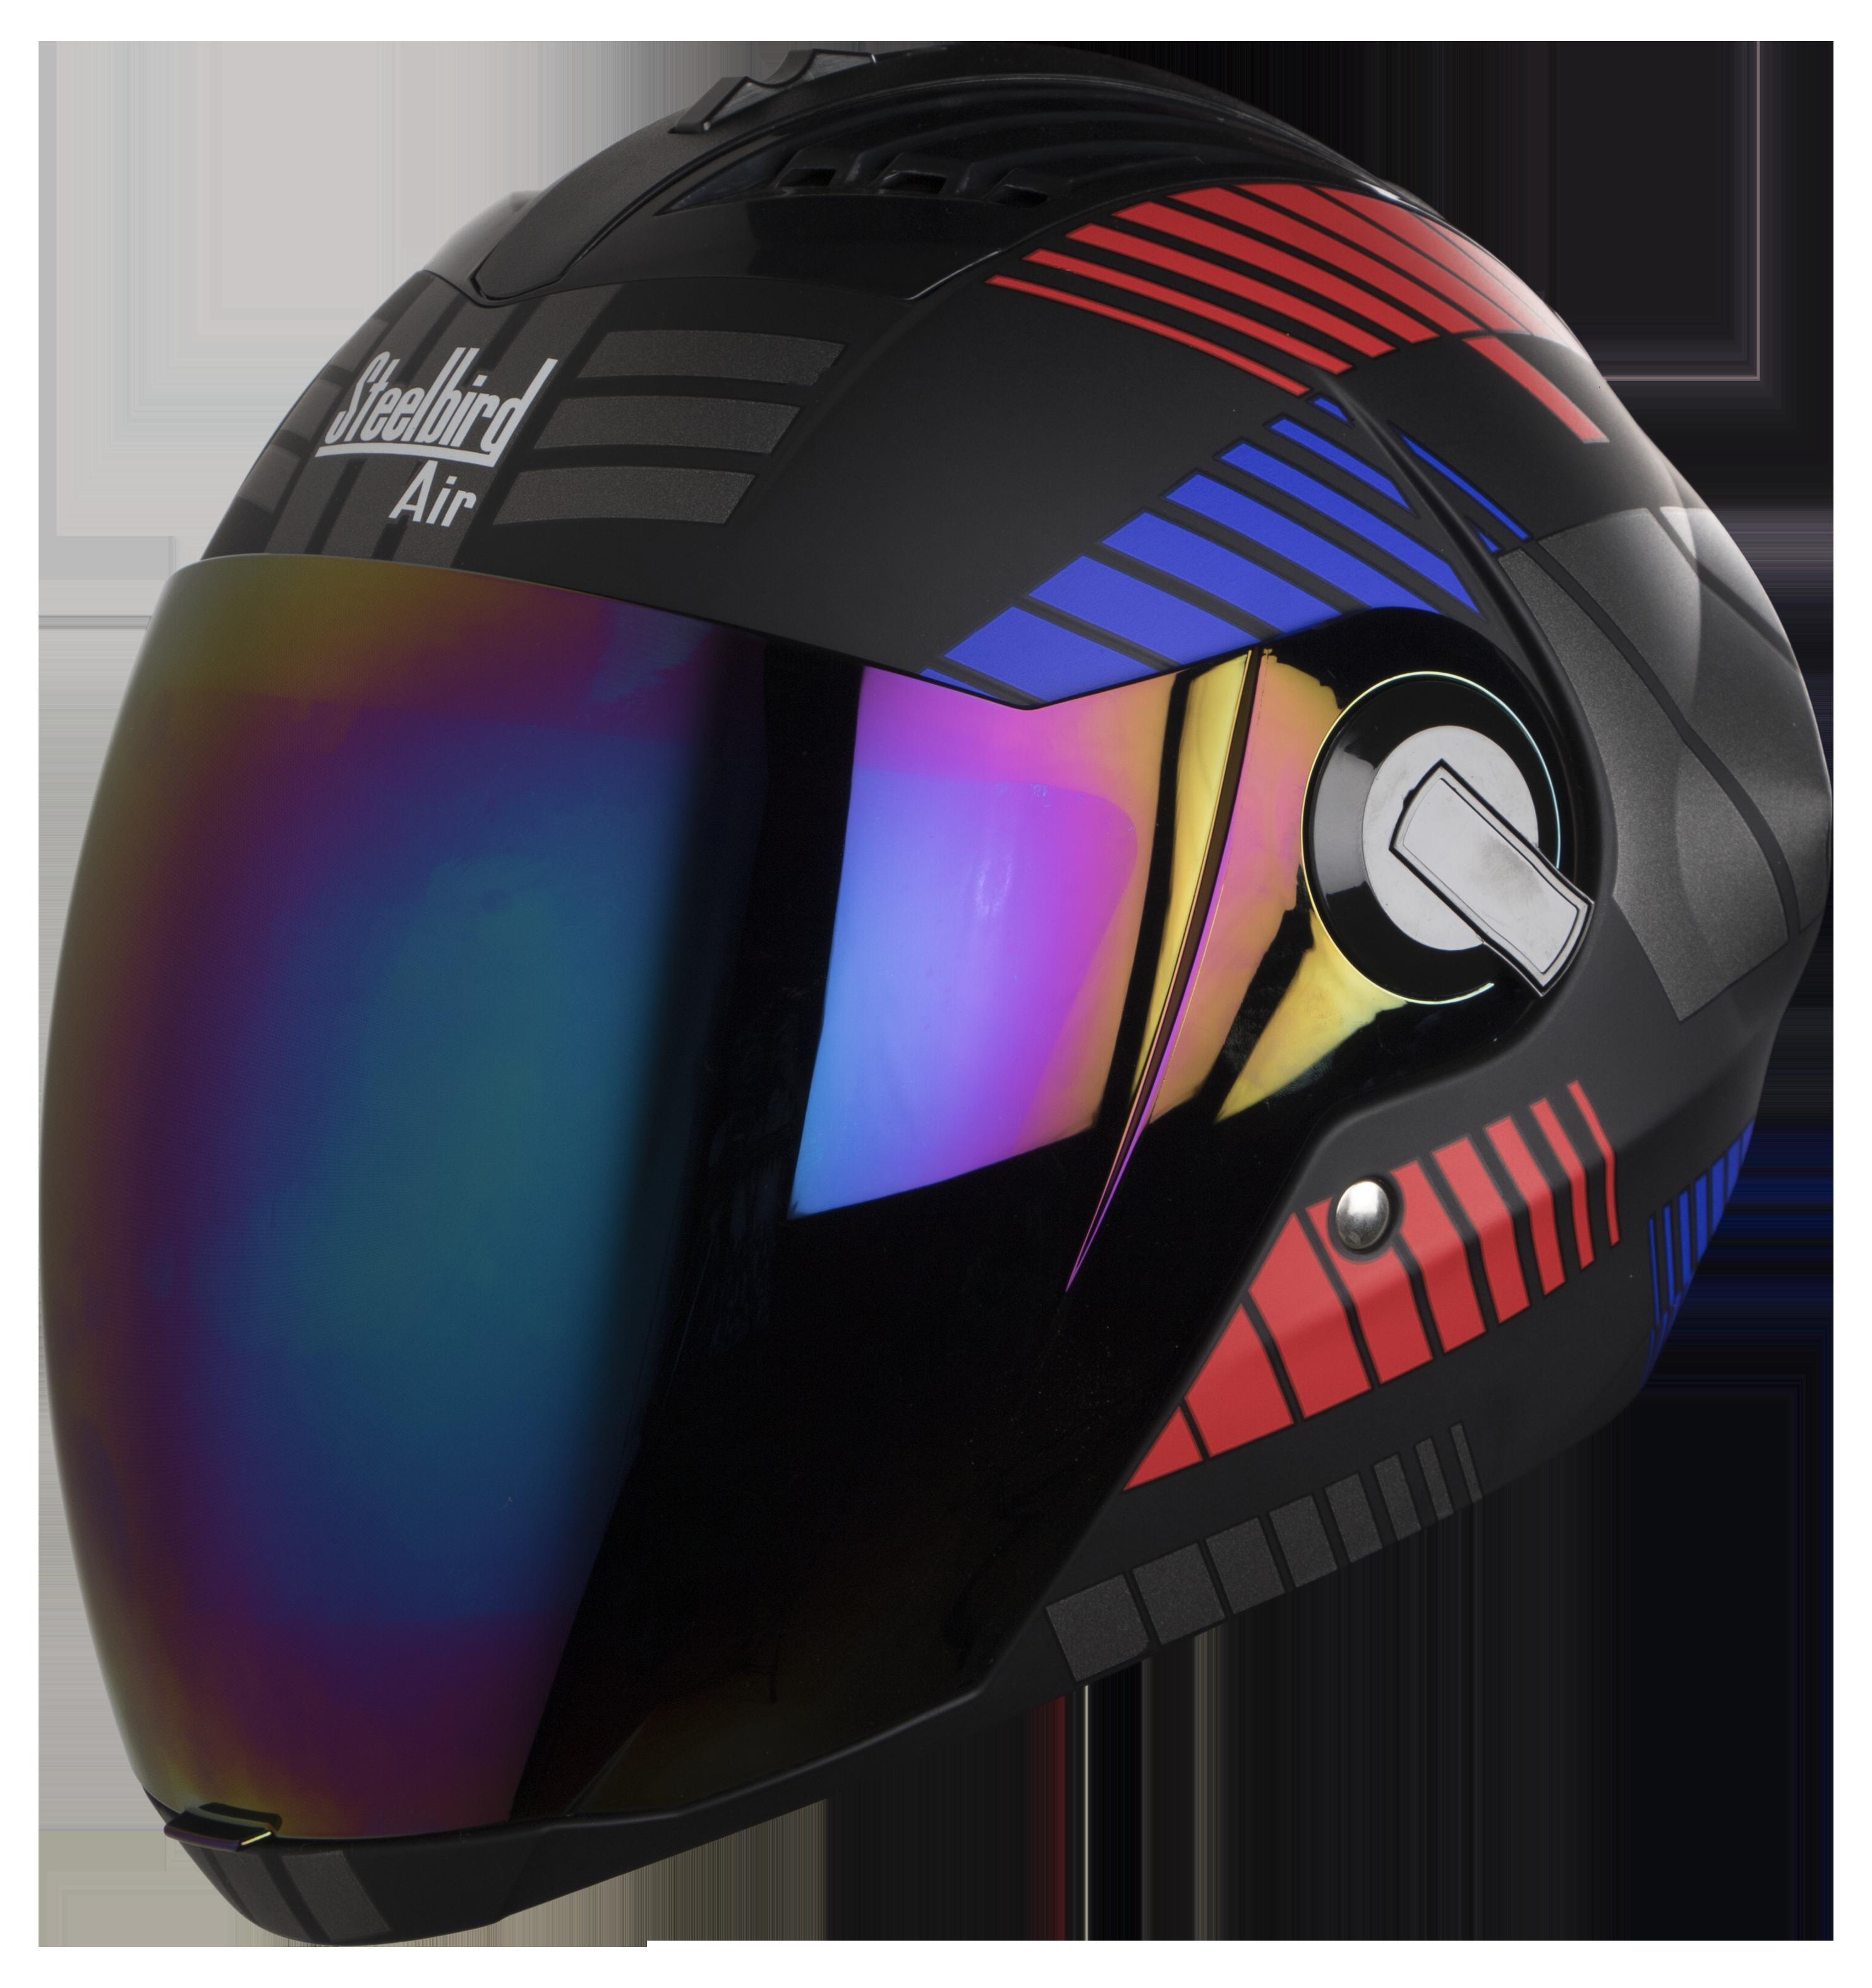 f0870a5a Steelbird Helmets - Online bike accessories | helmets